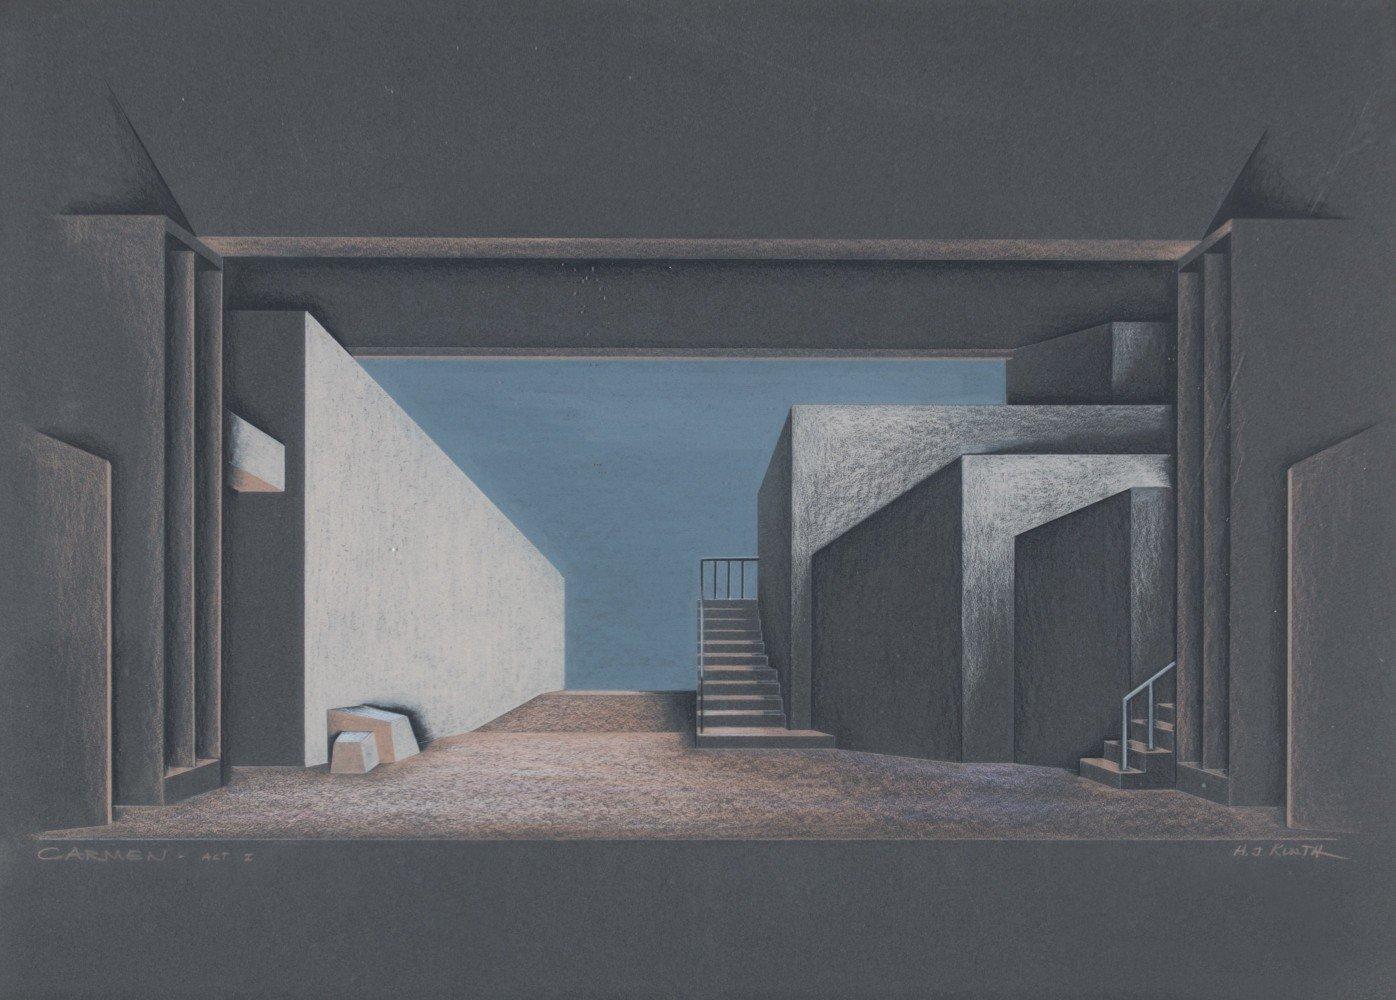 H. J. Kurth  - Carmen Act 1